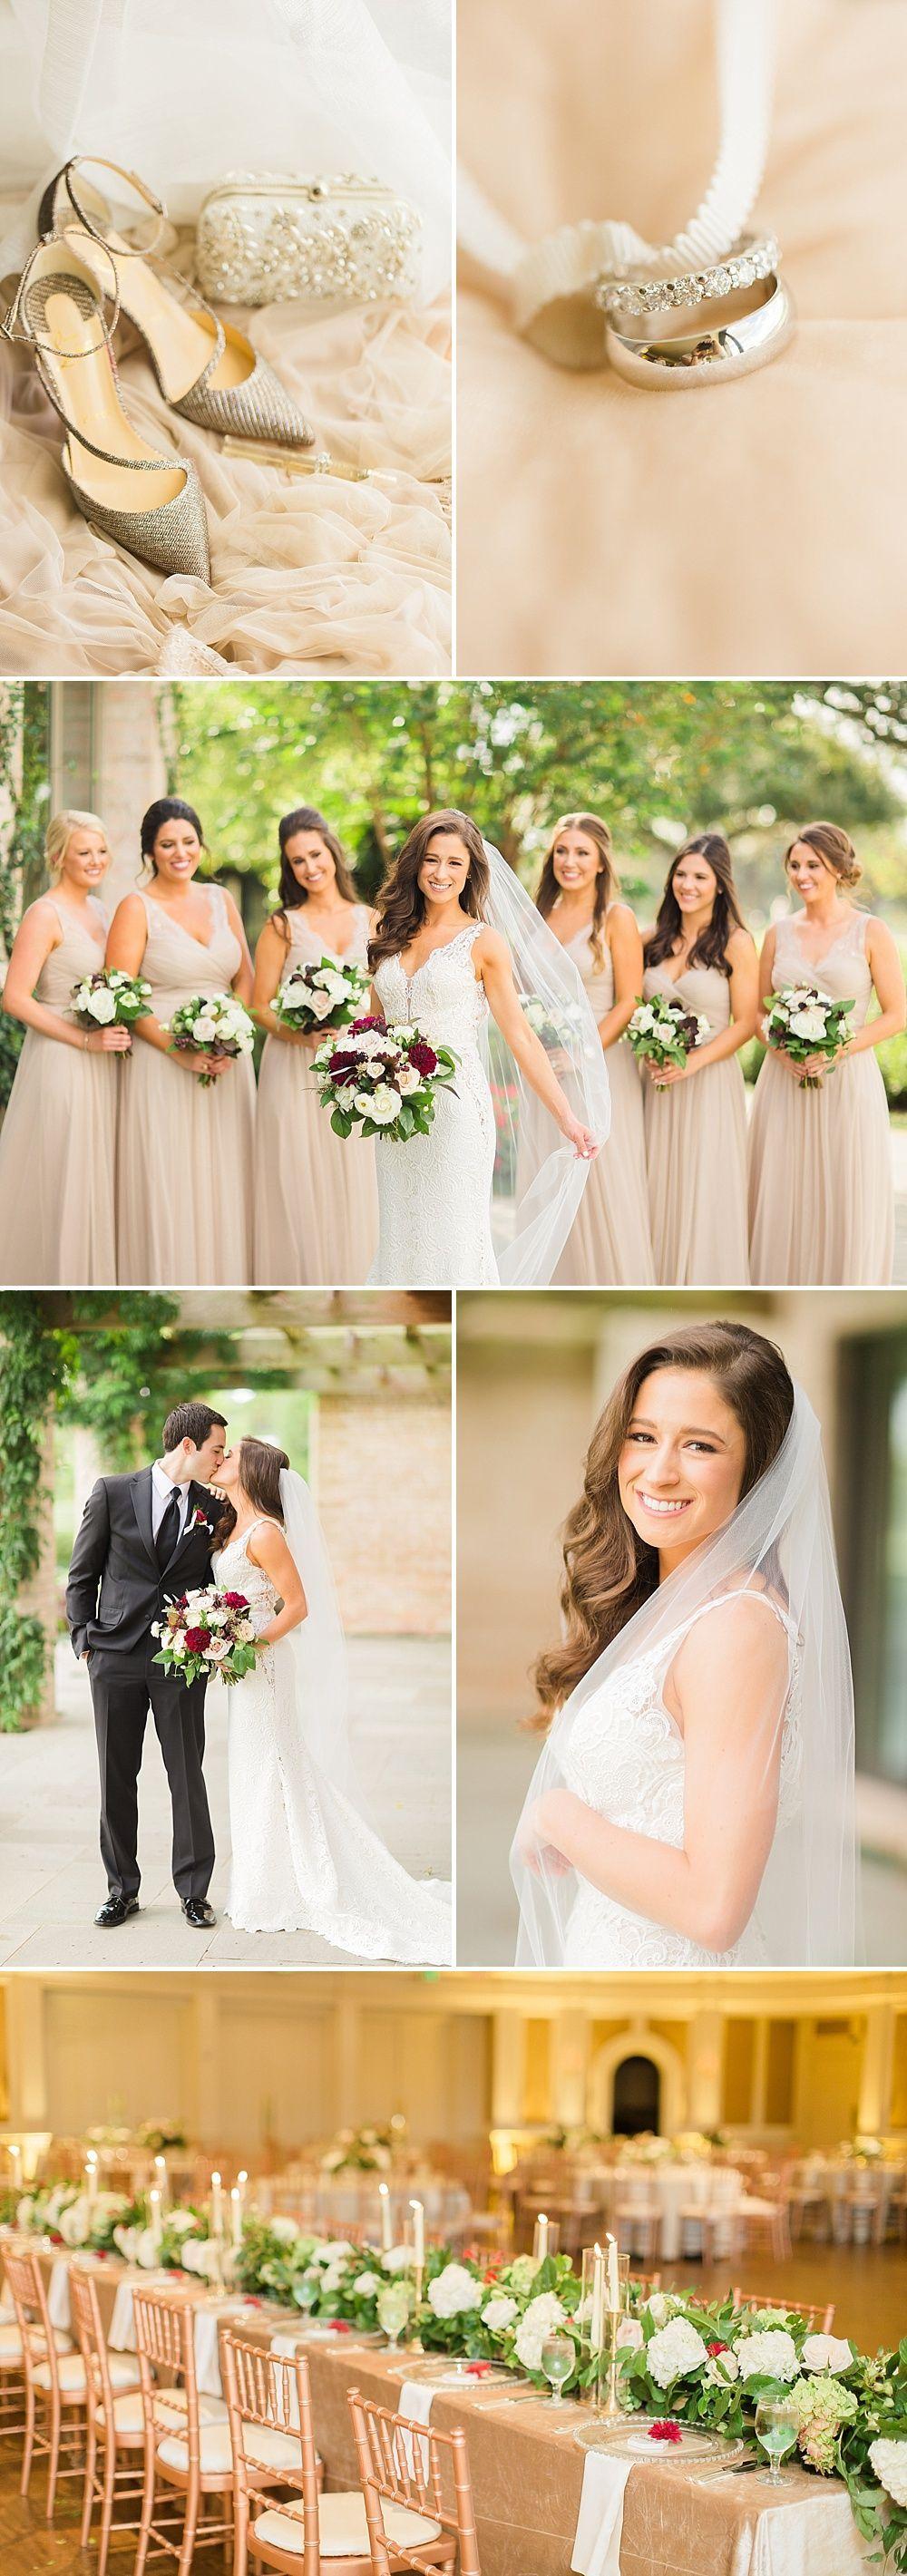 River oaks country club wedding wedding ideas group board